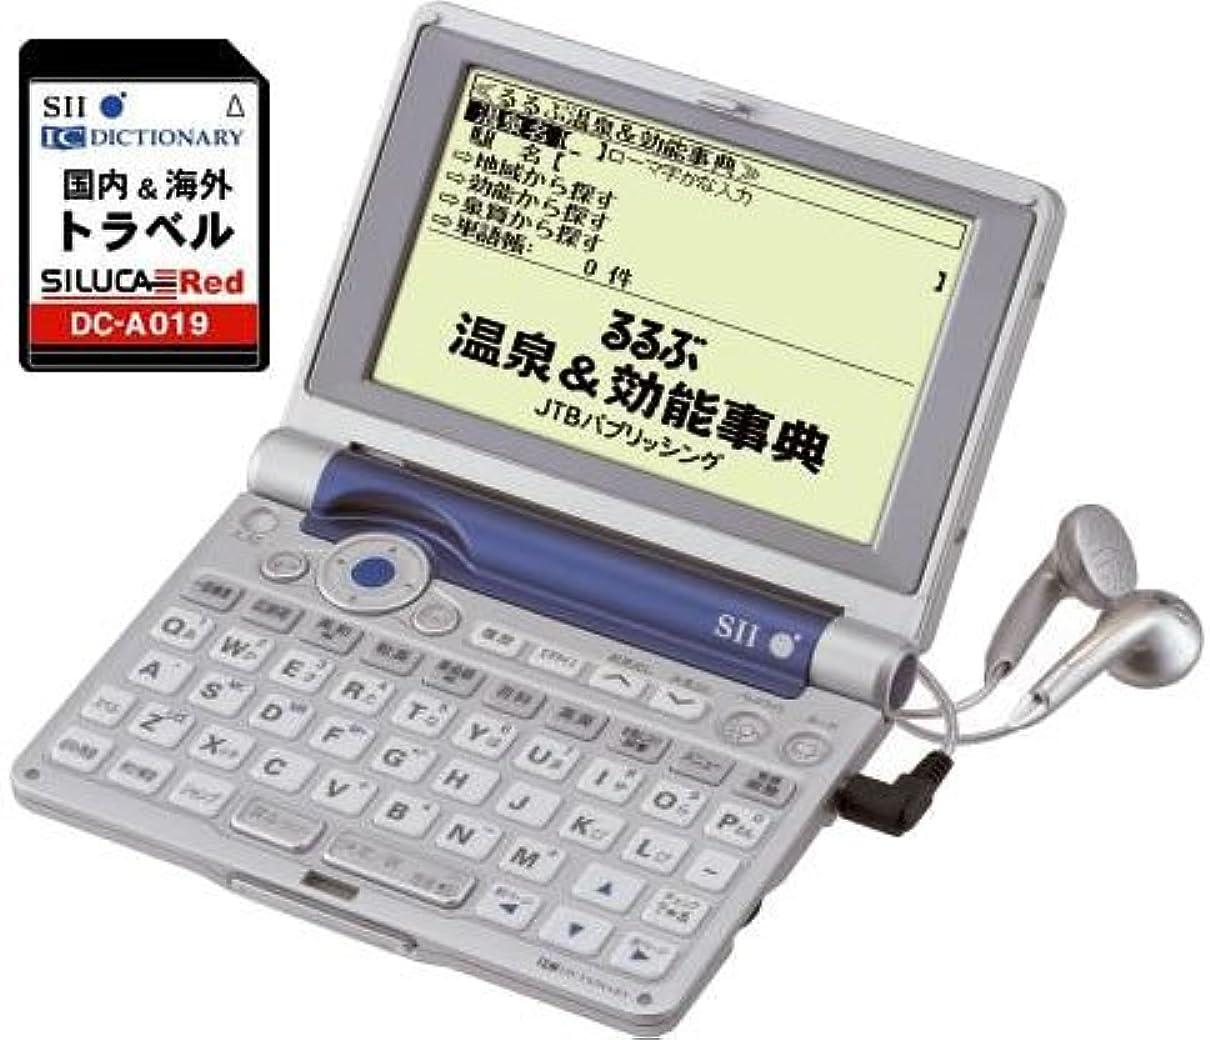 スポーツ失われた賢いSEIKO IC DICTIONARY SR-MK4100TR (13コンテンツ+旅行カード26コンテンツ, コンパクトタイプ, 音声対応)